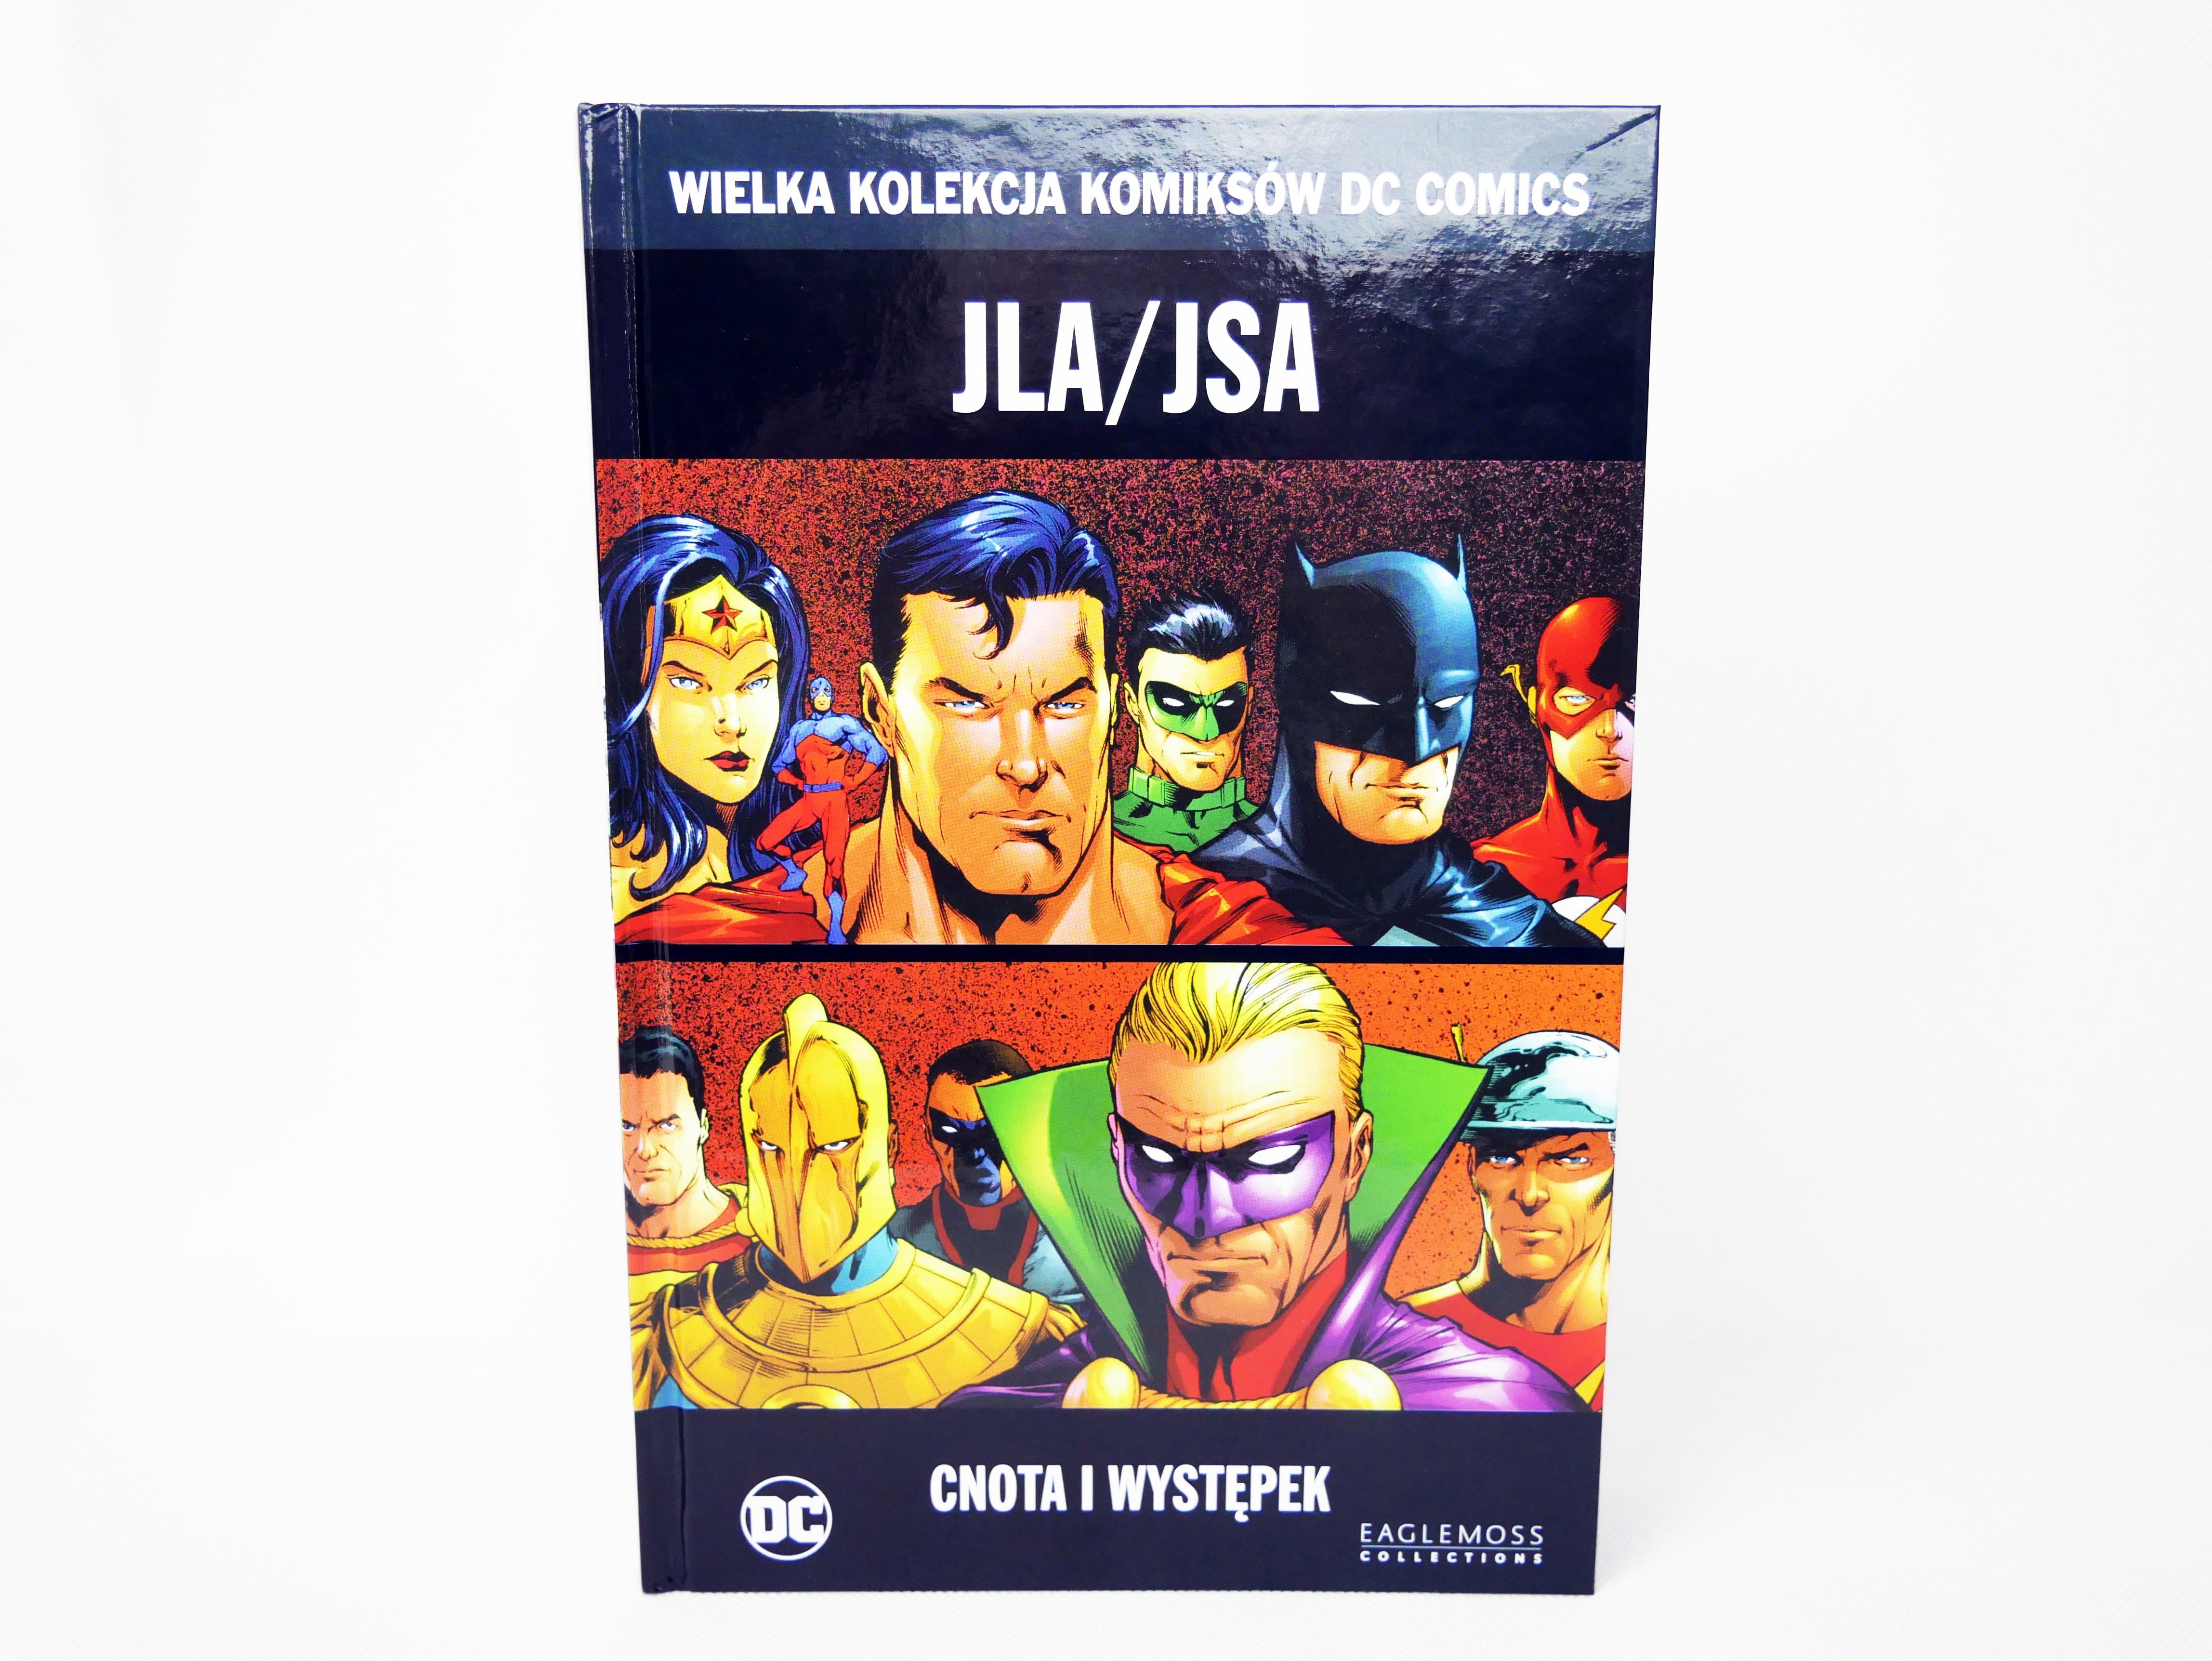 WKKDCC#64: JLA/JSA: Cnota i występek - prezentacja komiksu